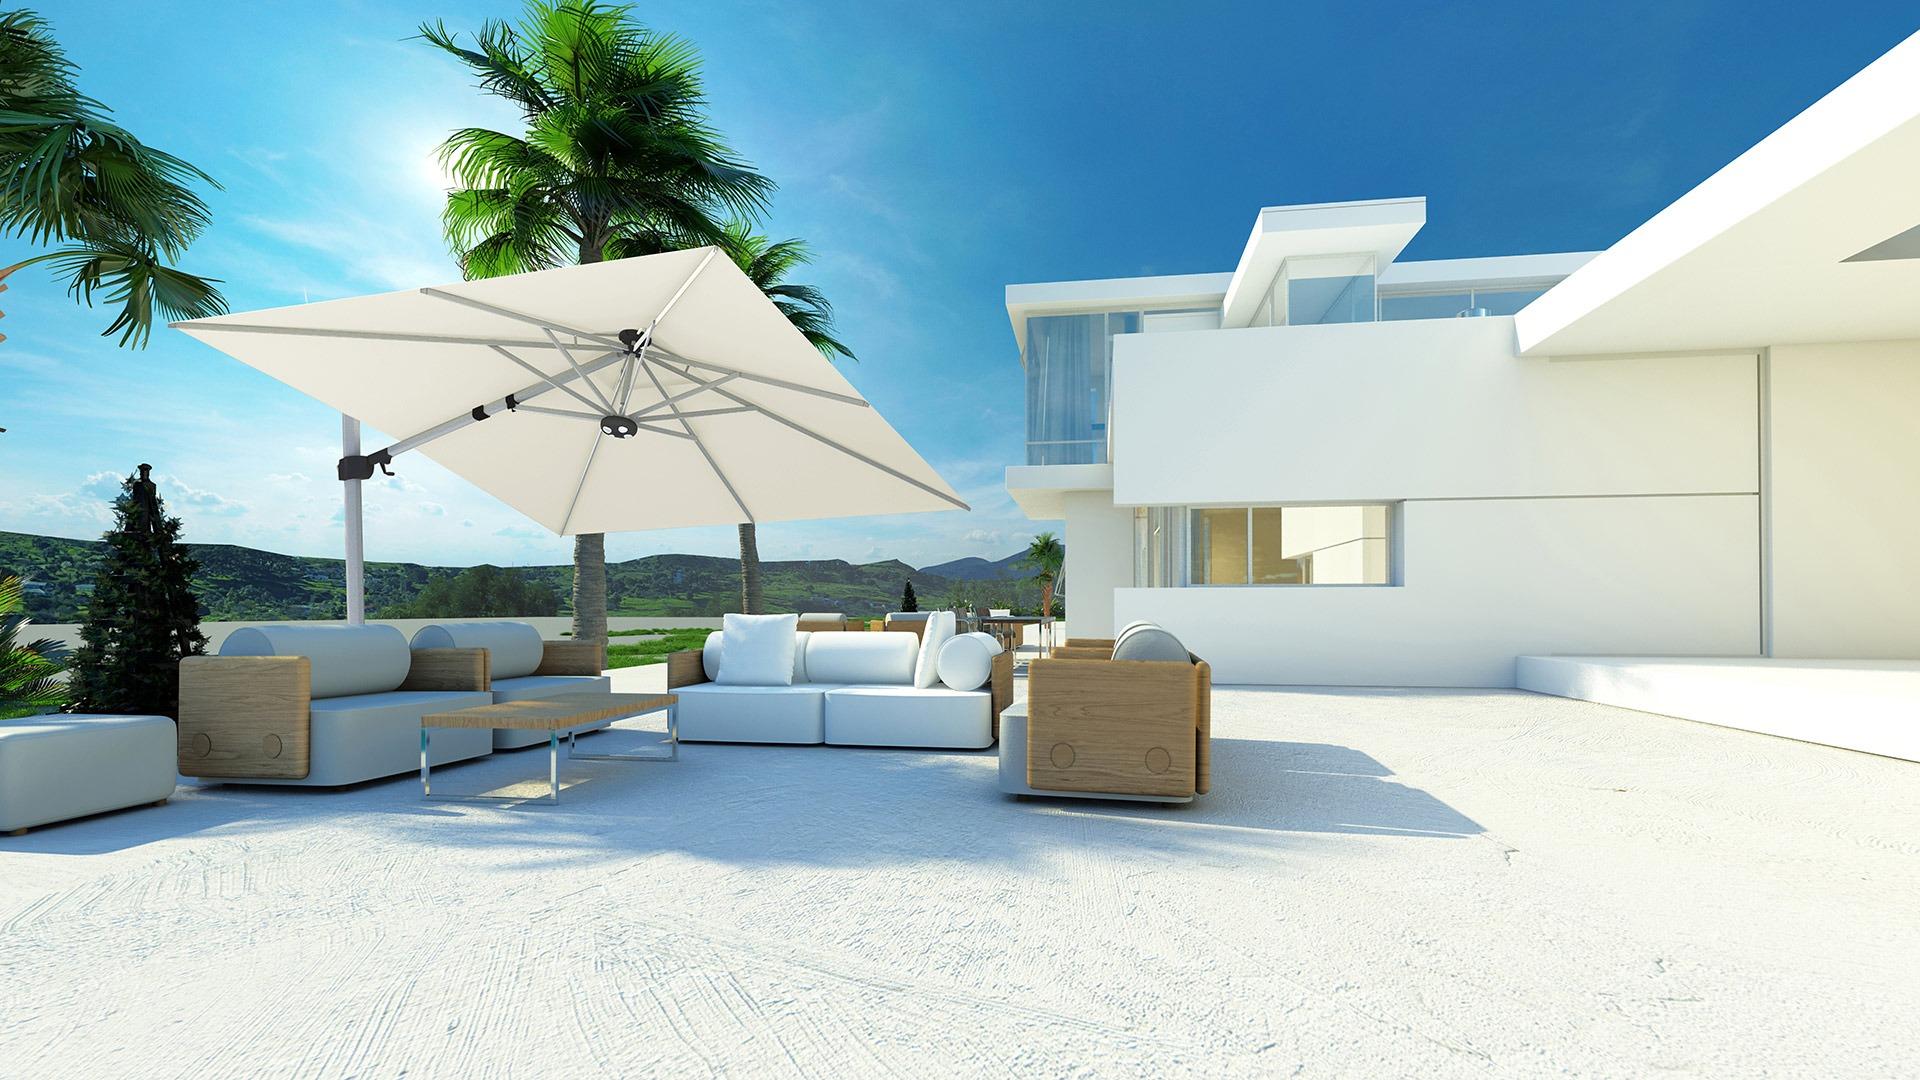 Comment bien choisir votre parasol de jardin? 1